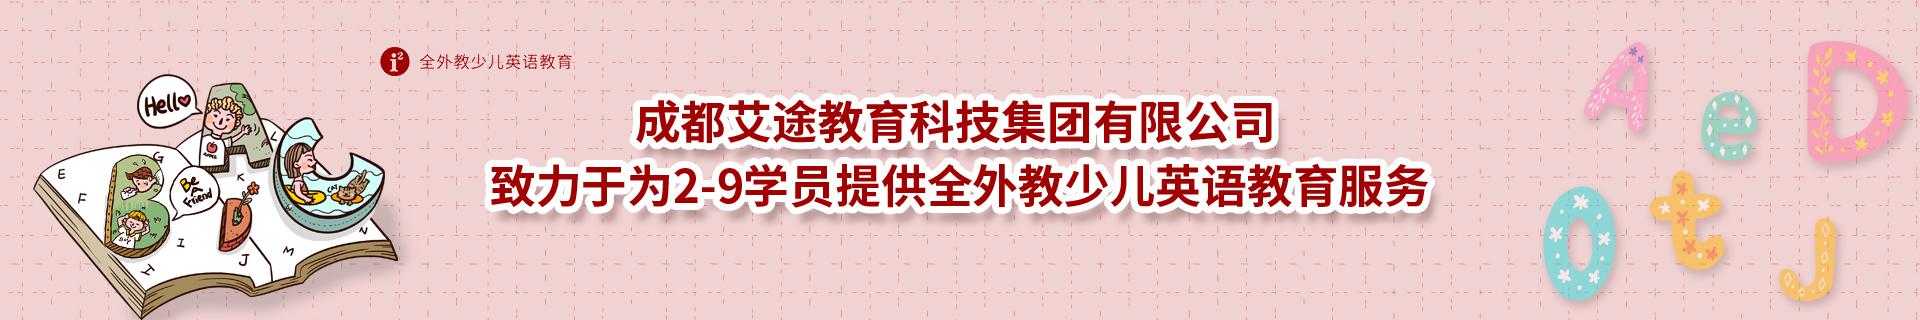 西安雁塔区吉祥路i2国际私塾